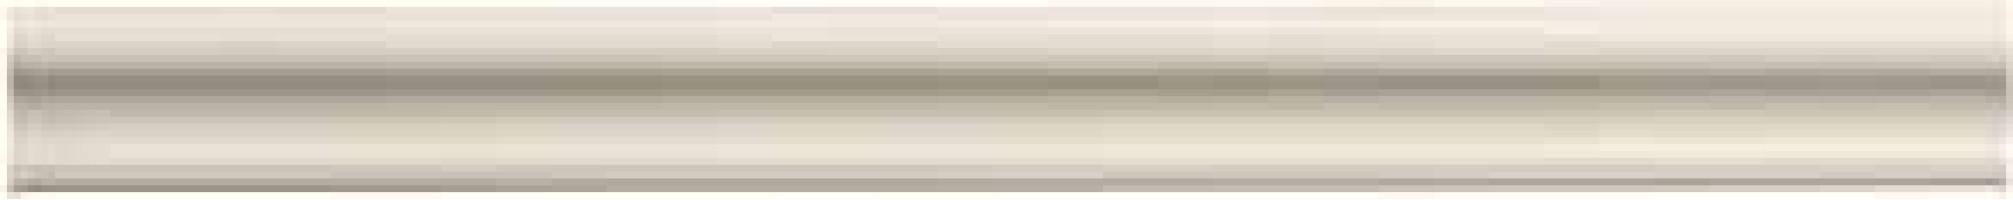 Специальный элемент 1042792 Tentazioni V-Cap Celeste 5.5x56 Cir Ceramiche